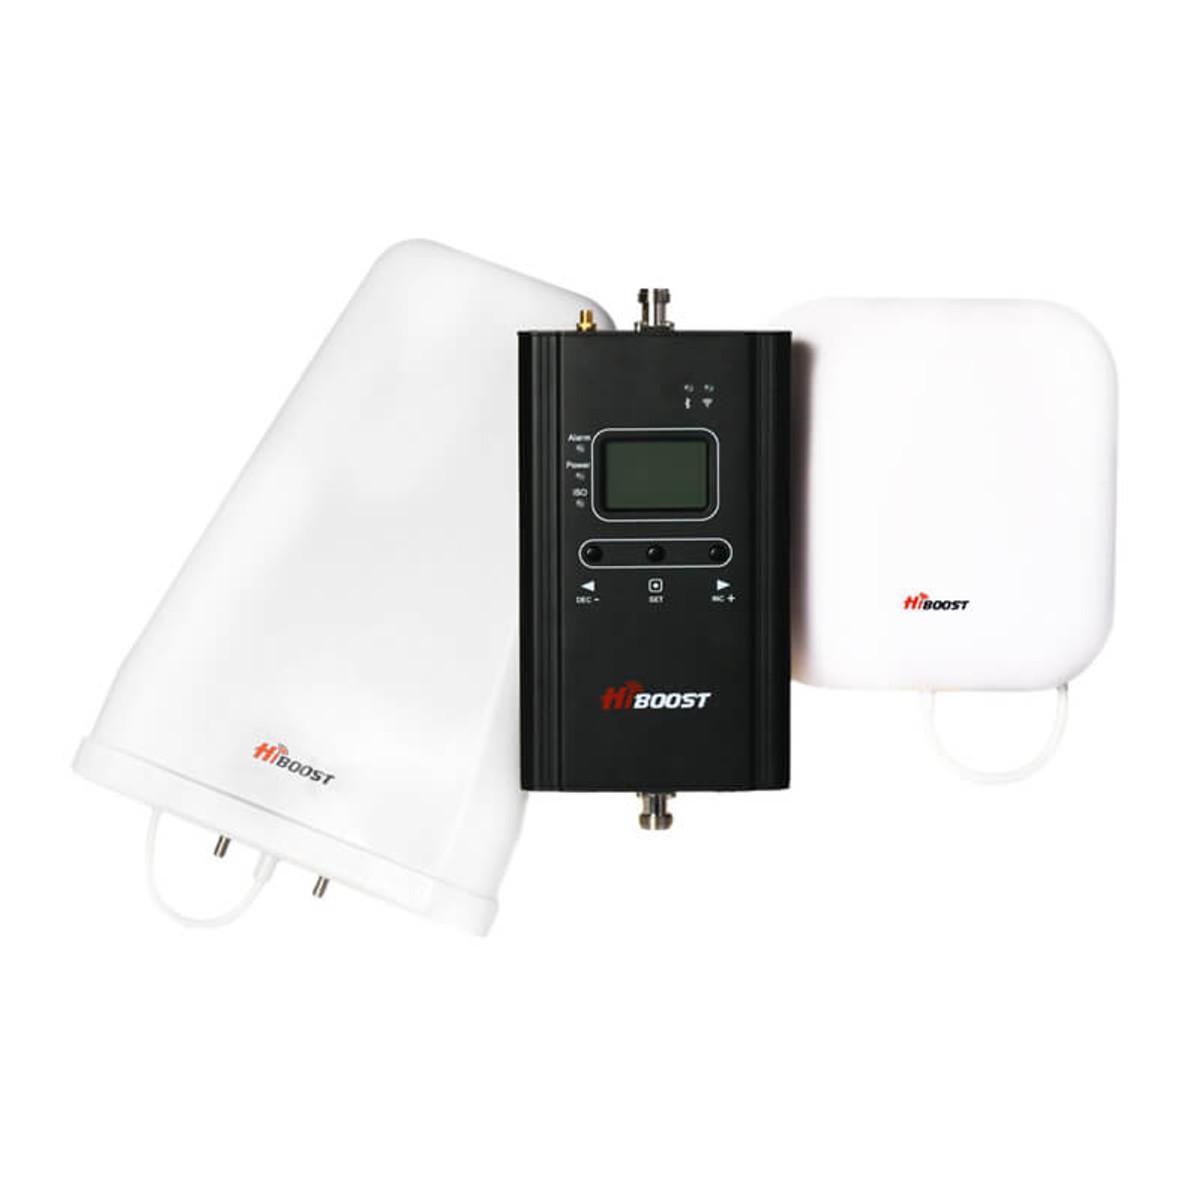 HiBoost Home 4K Smart Link Signal Booster Kit